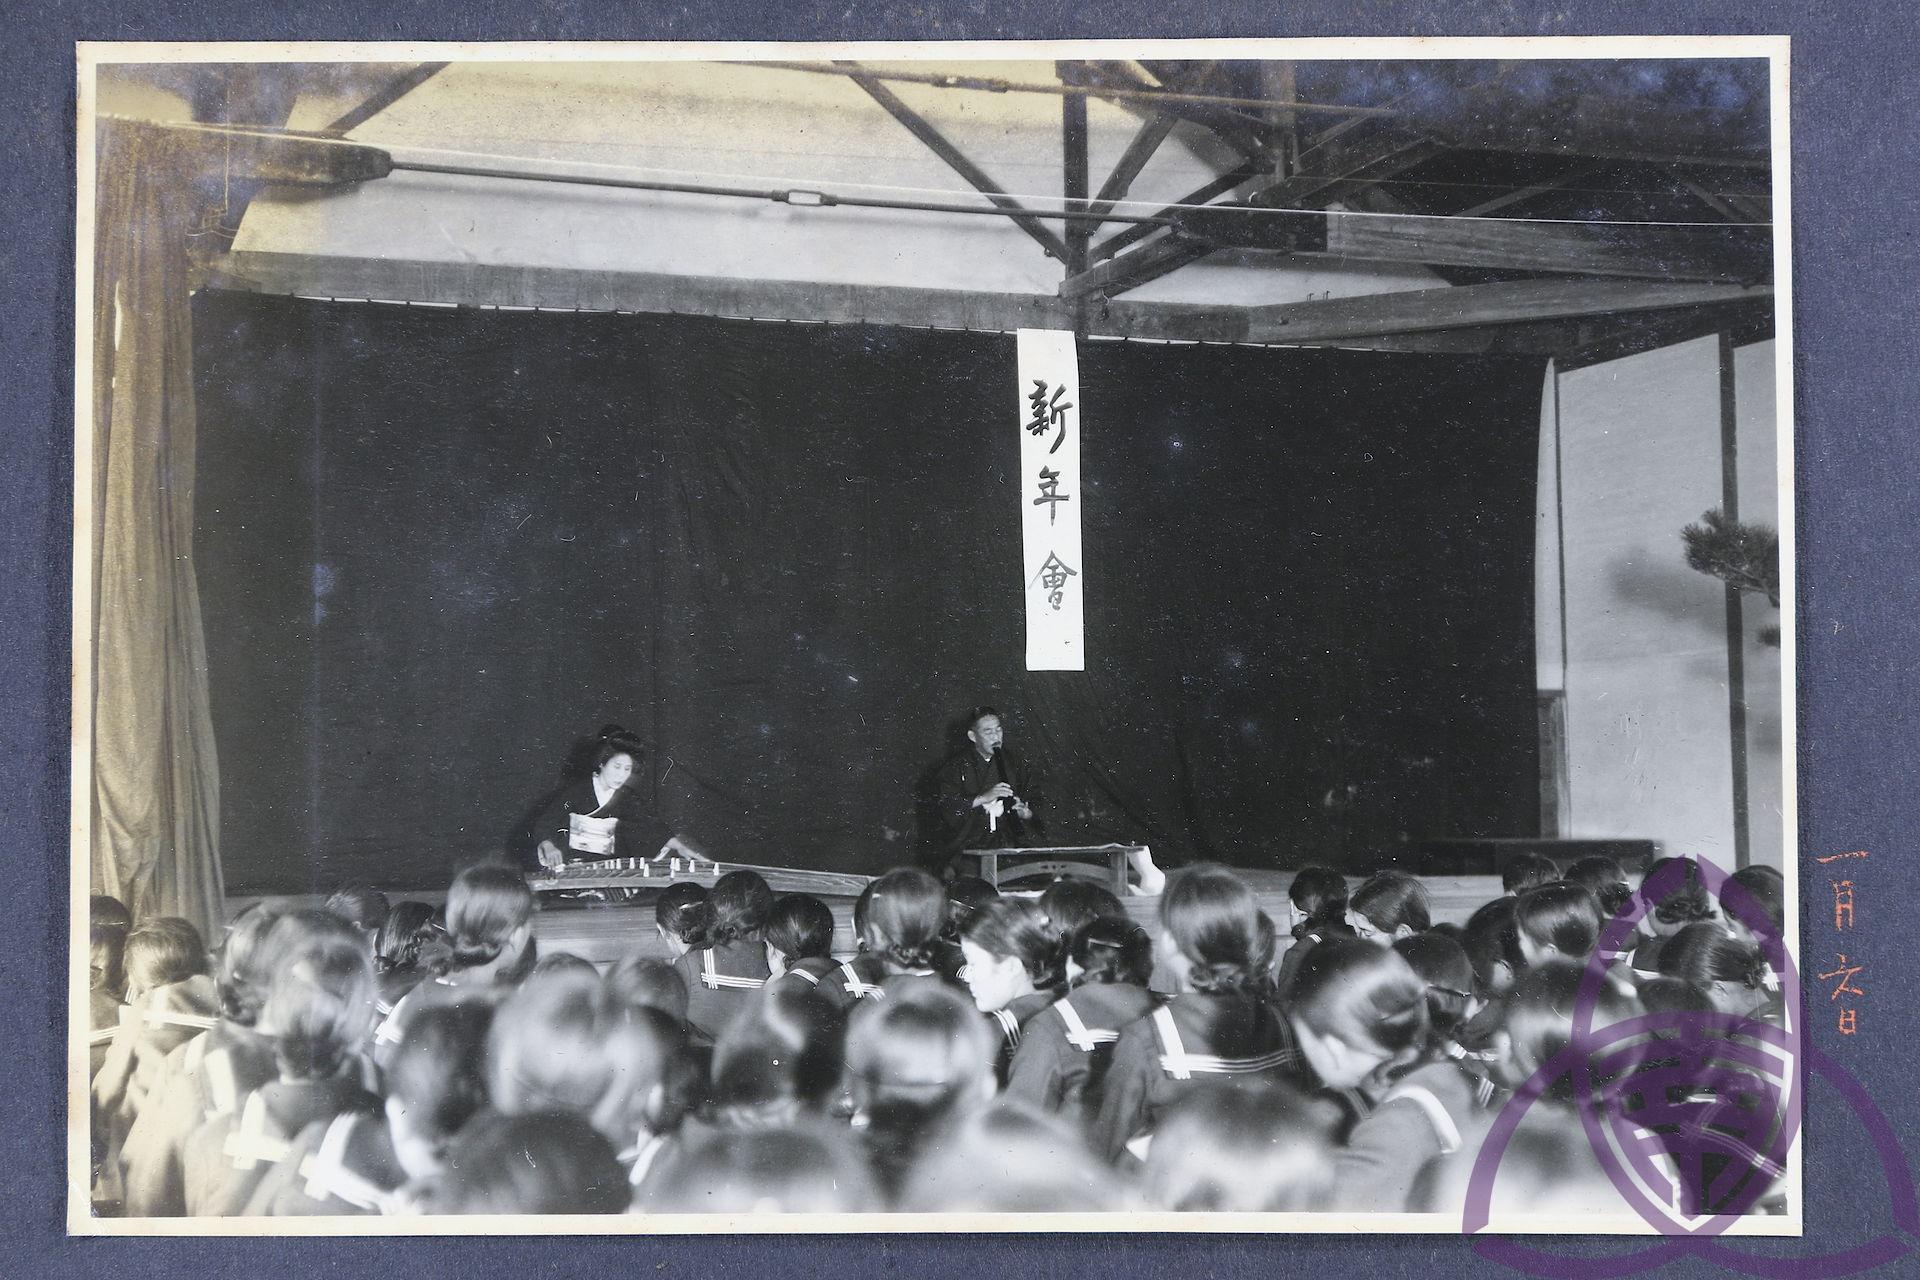 昭和 10 年(1936 年)二高女(今臺南女中)的新年會,學校是日本政府規訓同化的重點場域,透過各種活動、儀式讓學生接受「新曆年」。 圖片來源│臺南女中百年老照片